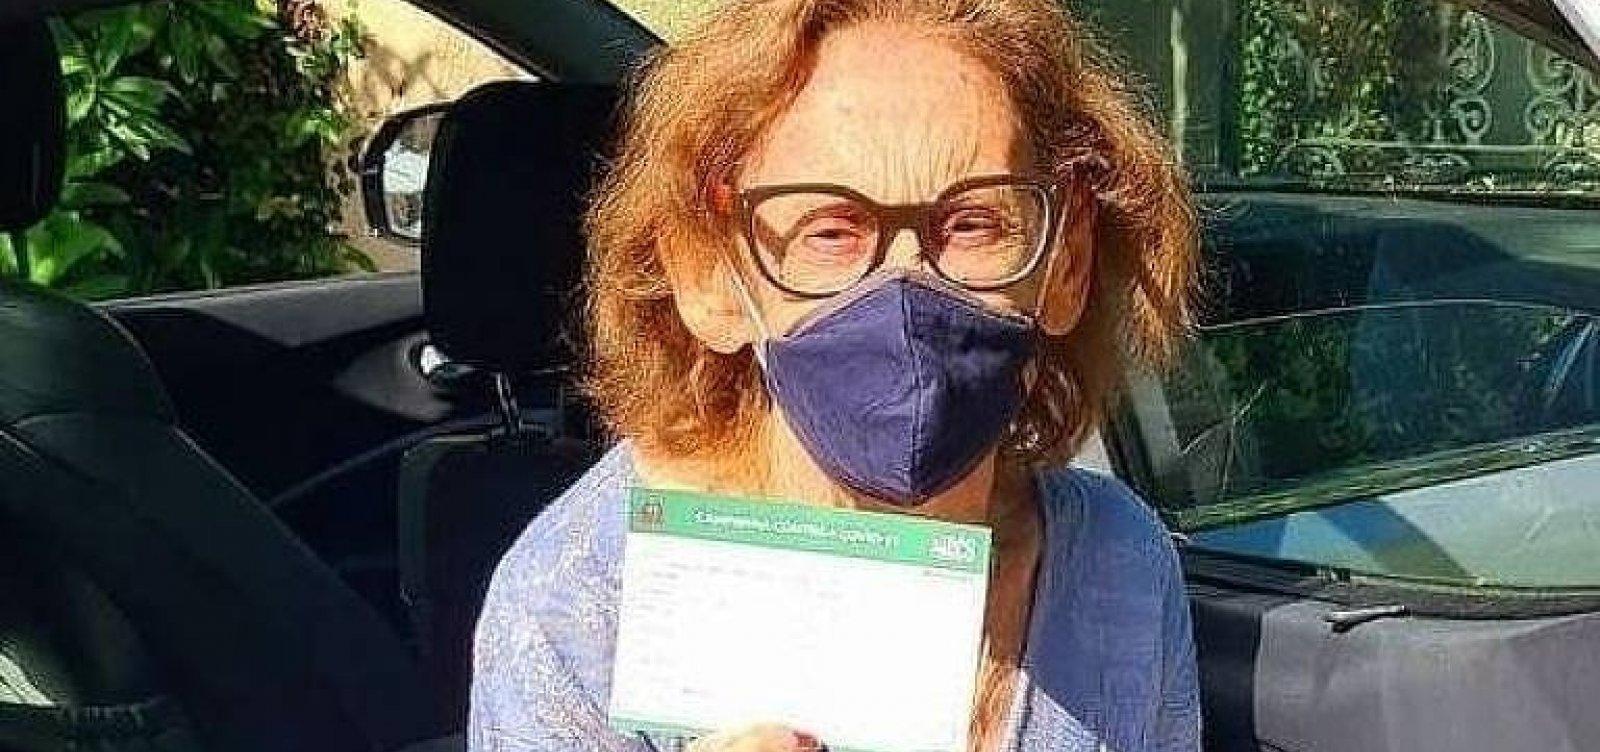 [Atriz Laura Cardoso é vacinada e apela: 'Sigam as instruções médicas']